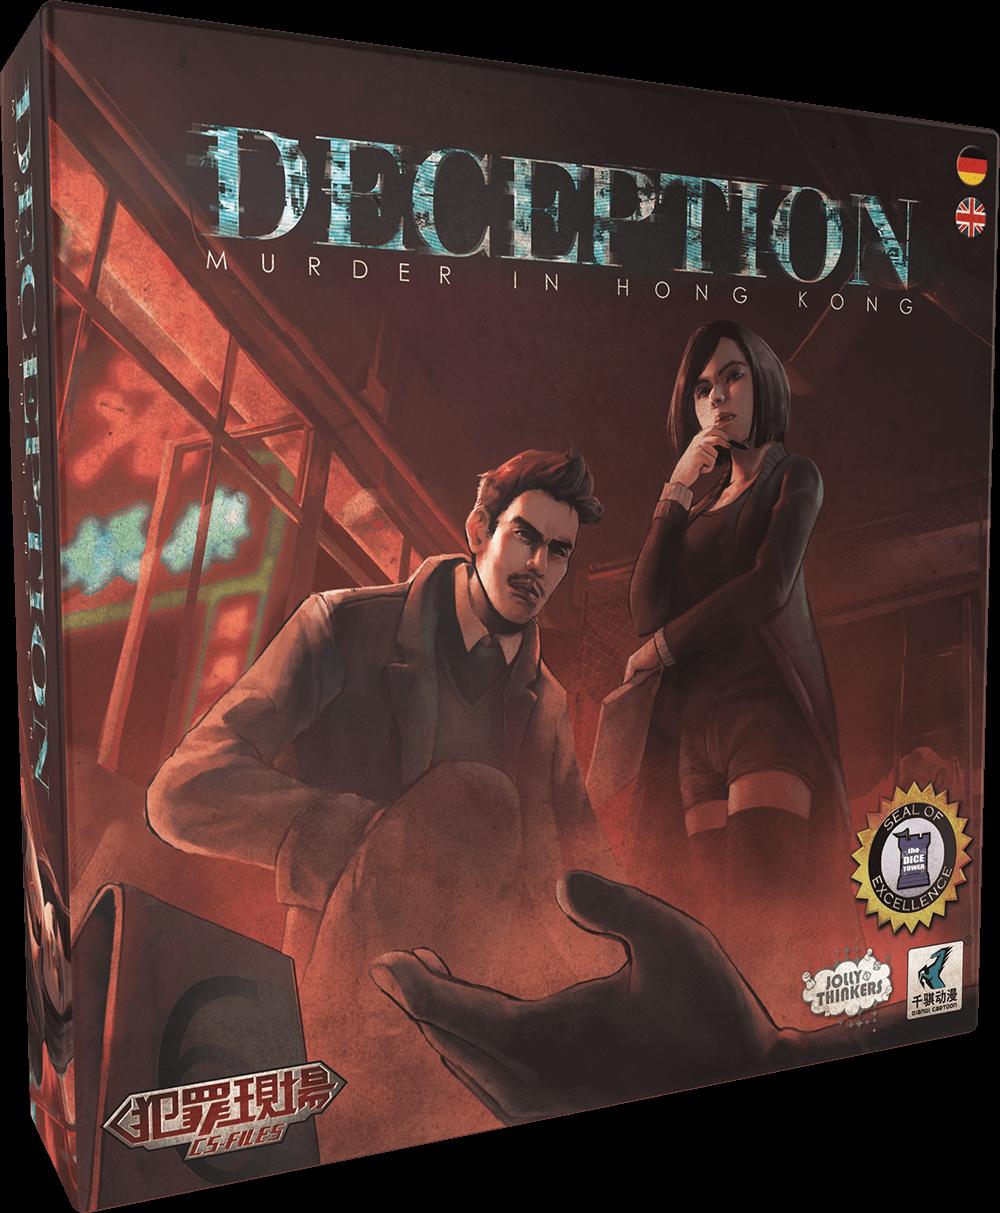 deception murder in hong kong box